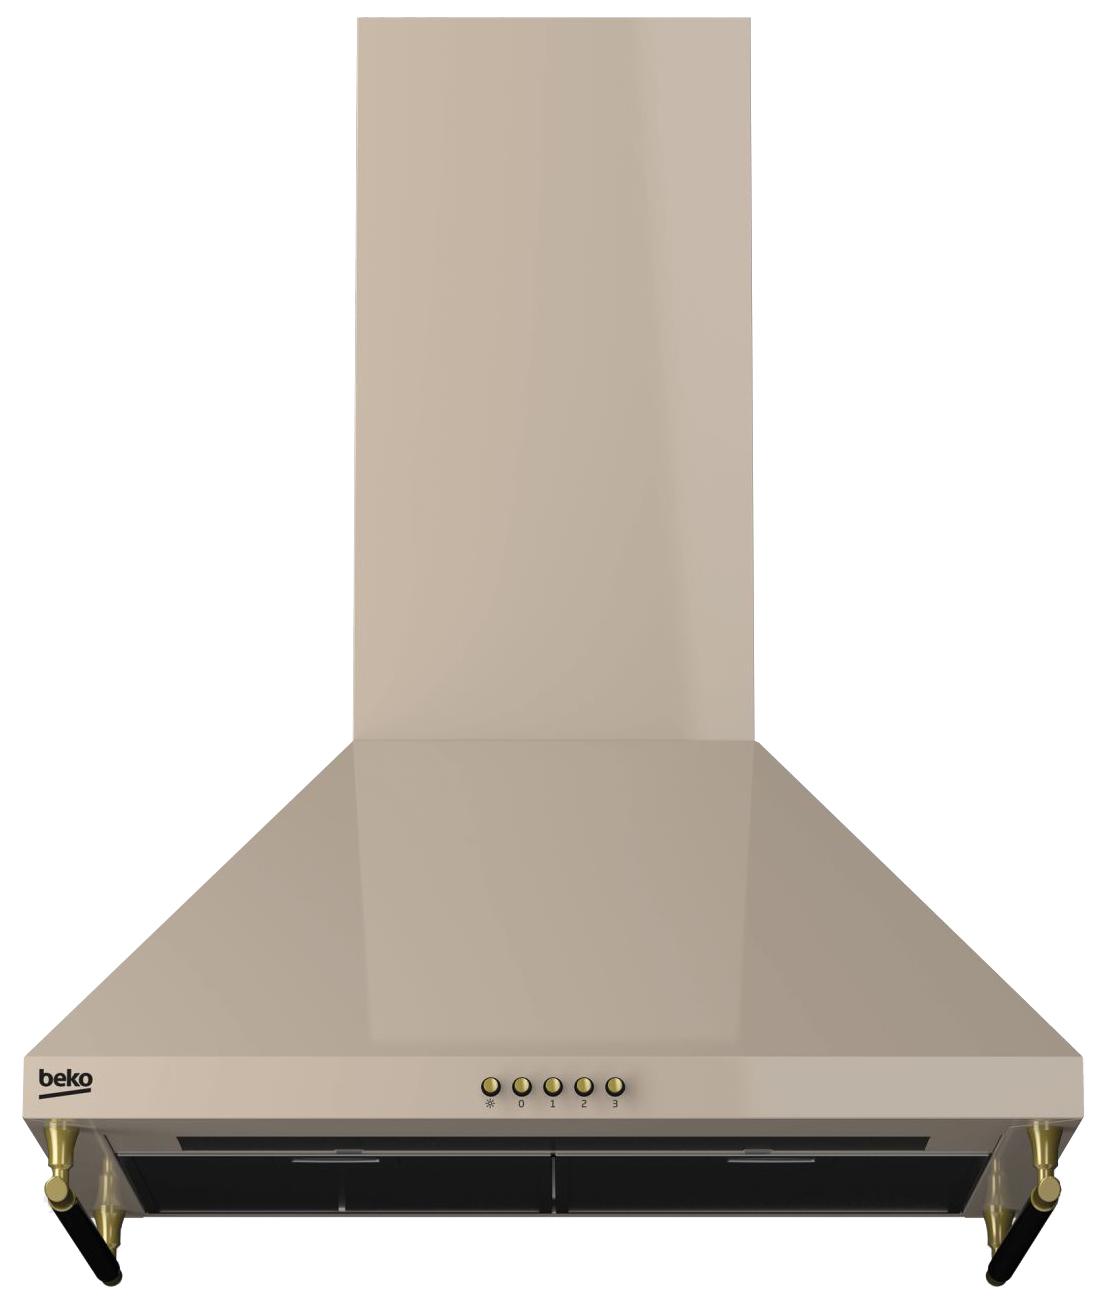 Вытяжка купольная Beko CWB 6410 CR Beige/Gold